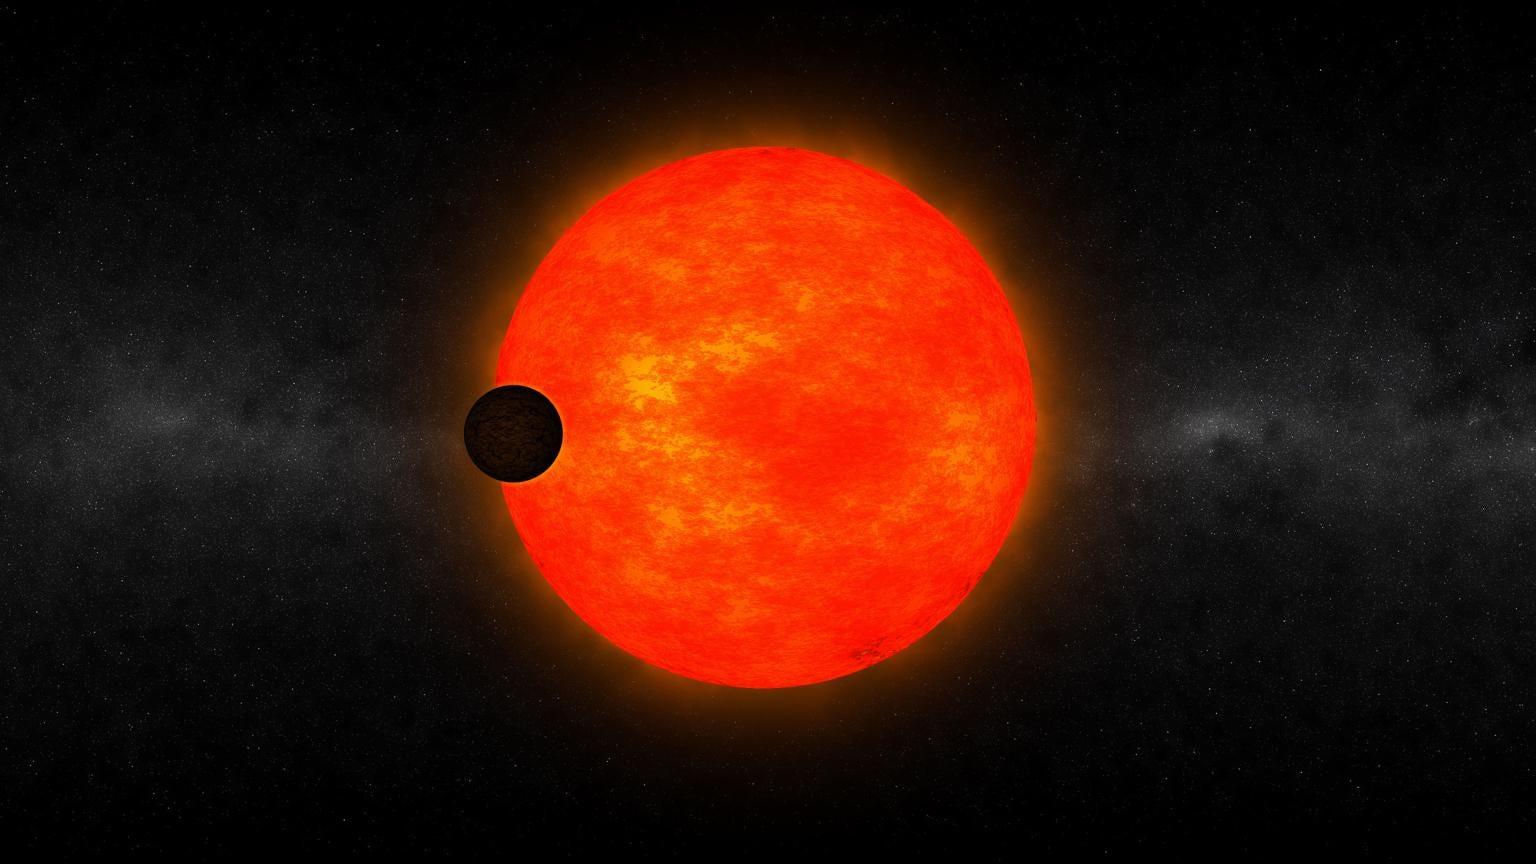 Ученые озадачены обнаруженной новой планетой